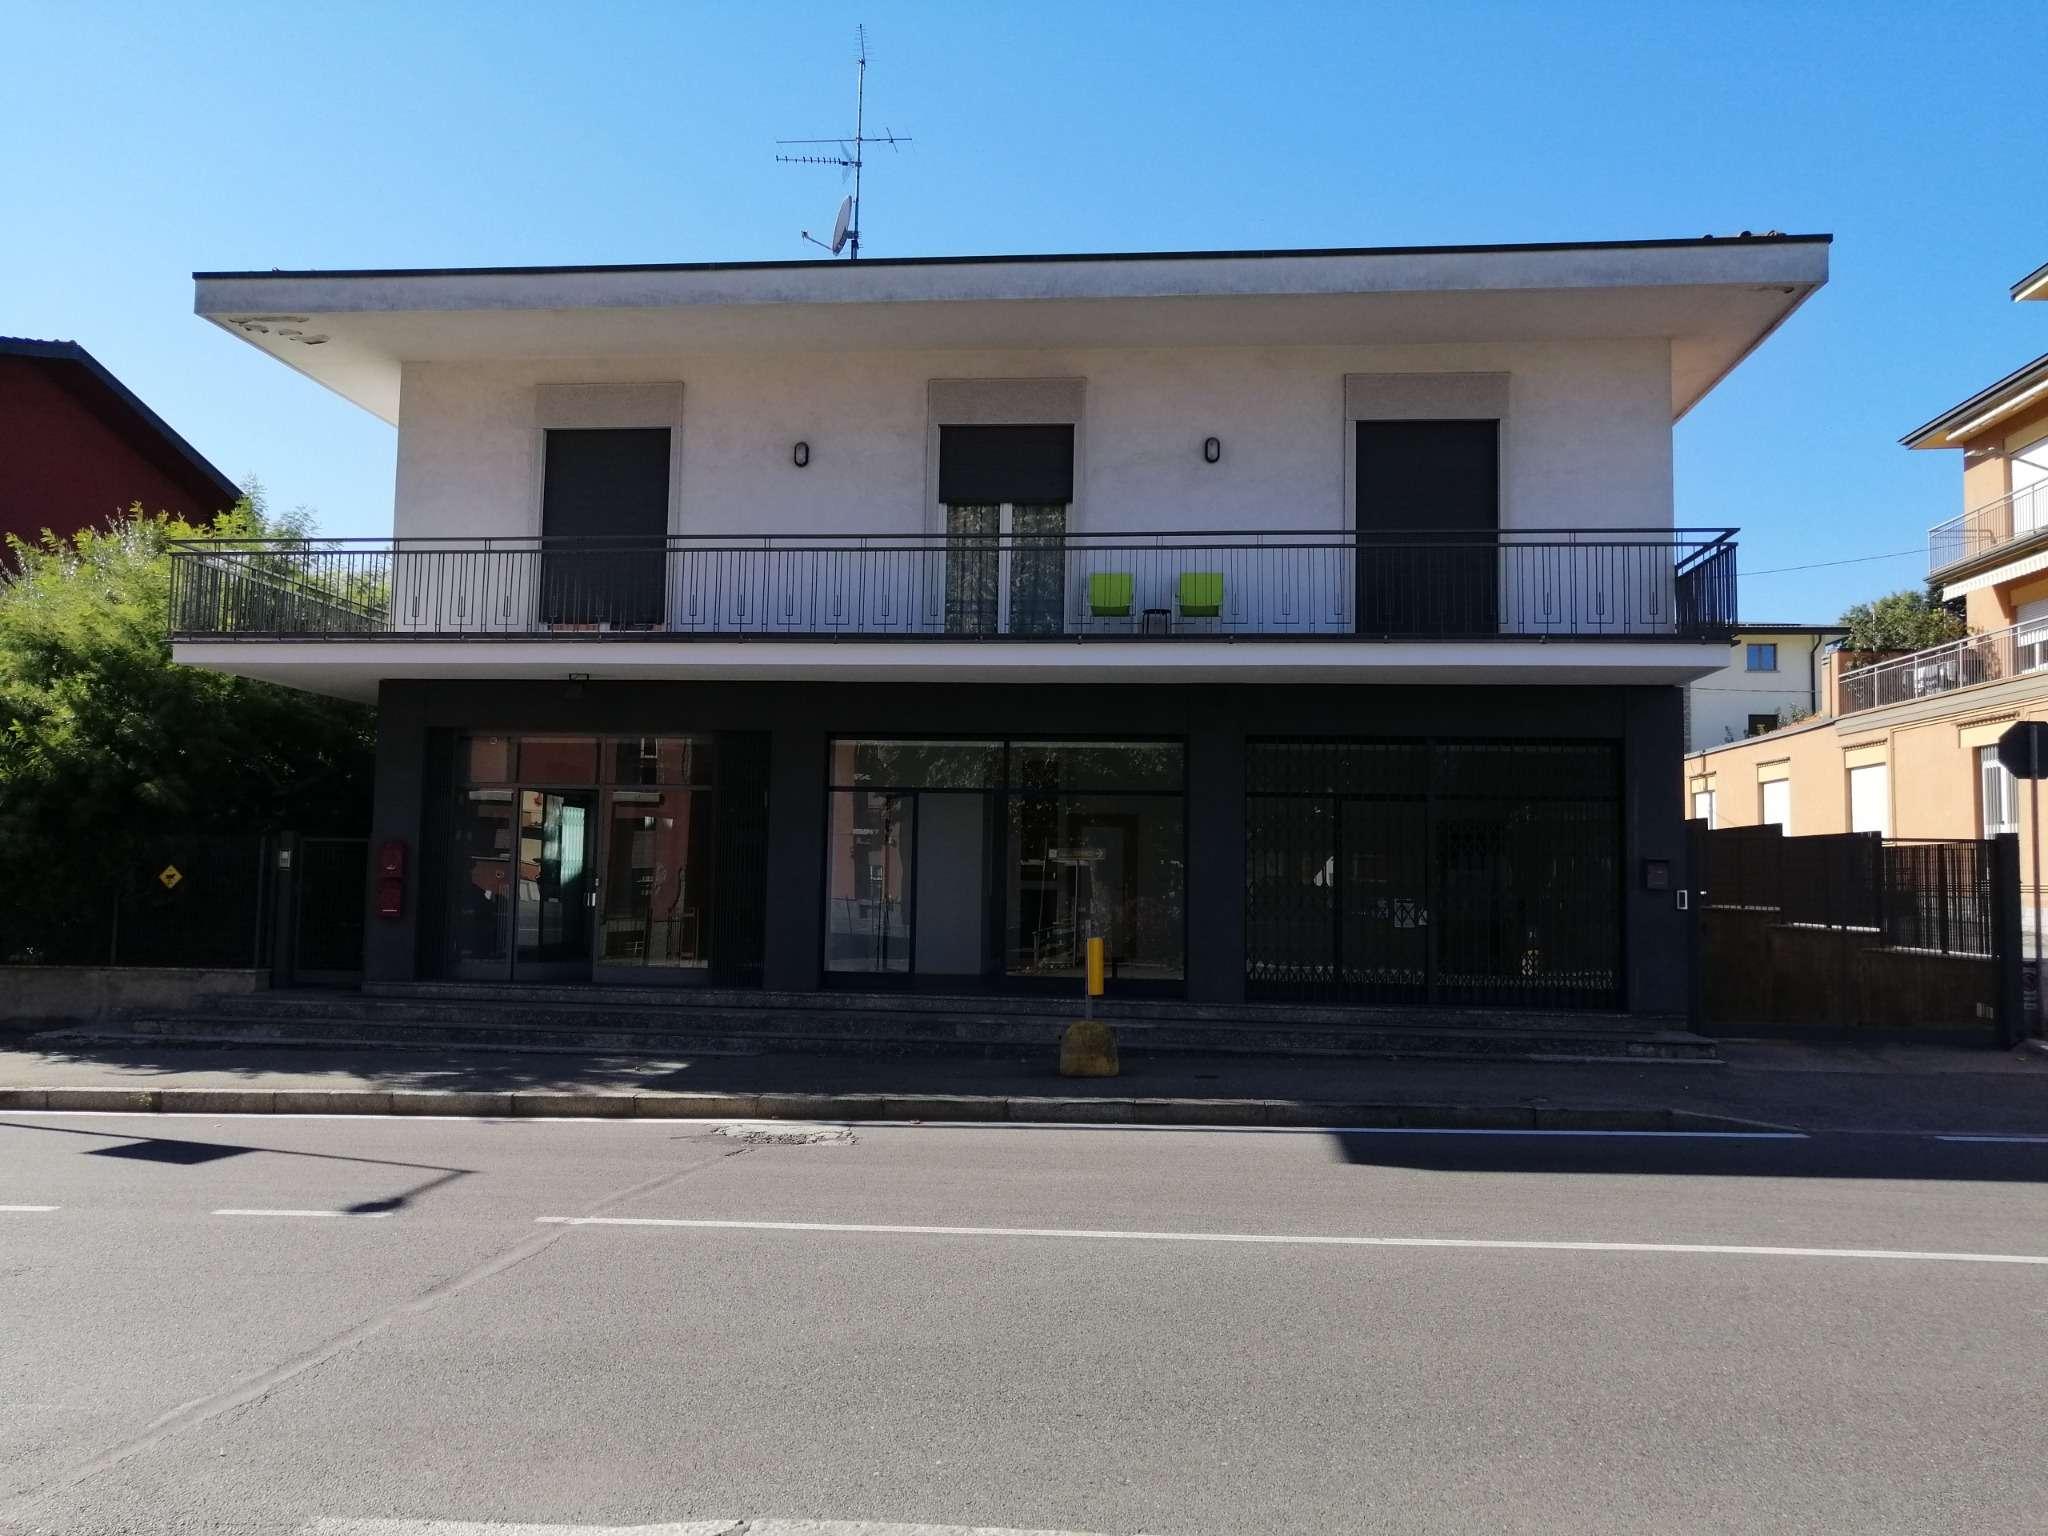 Negozio / Locale in affitto a Cantù, 1 locali, prezzo € 750 | PortaleAgenzieImmobiliari.it